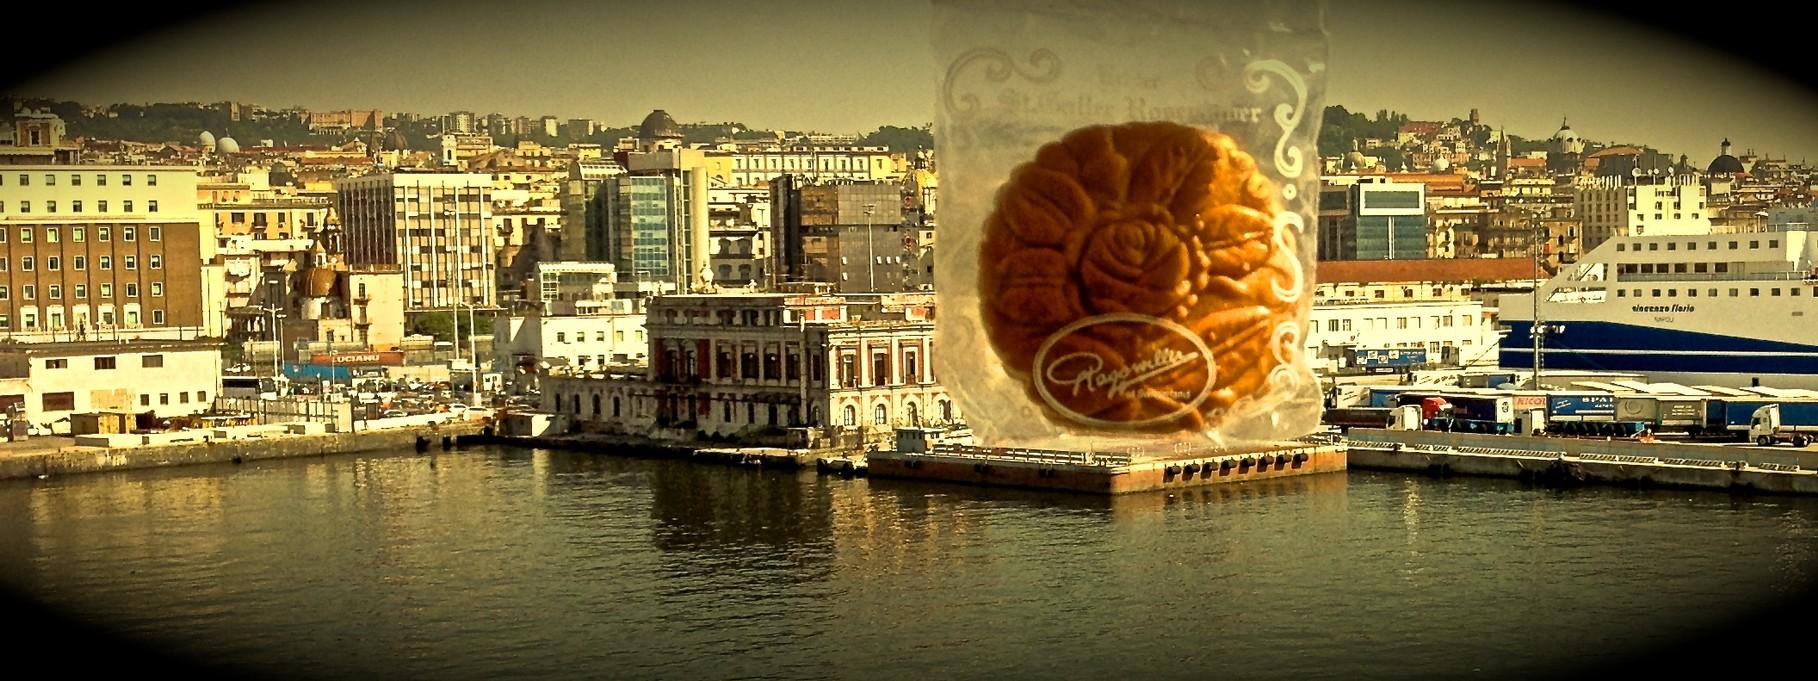 2. Preis Ivo Dürr mit Neapel ist eine Reise wert.